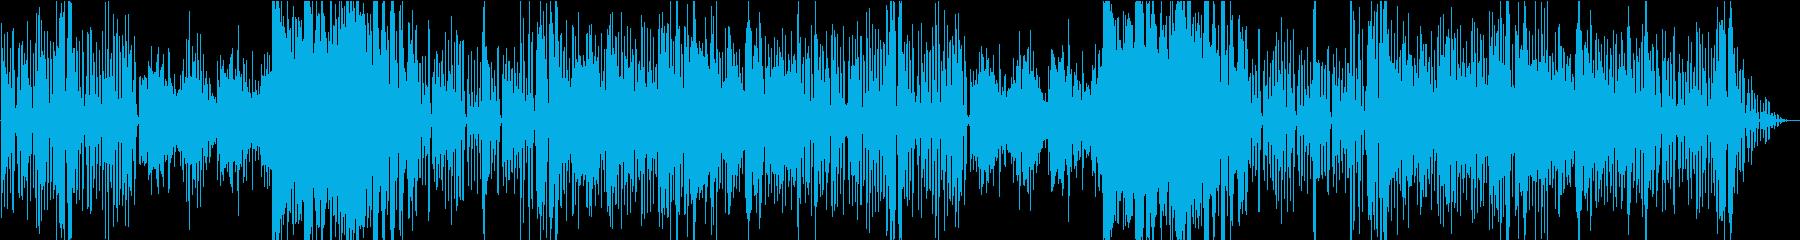 メルヘンで可愛いゴシック曲の再生済みの波形